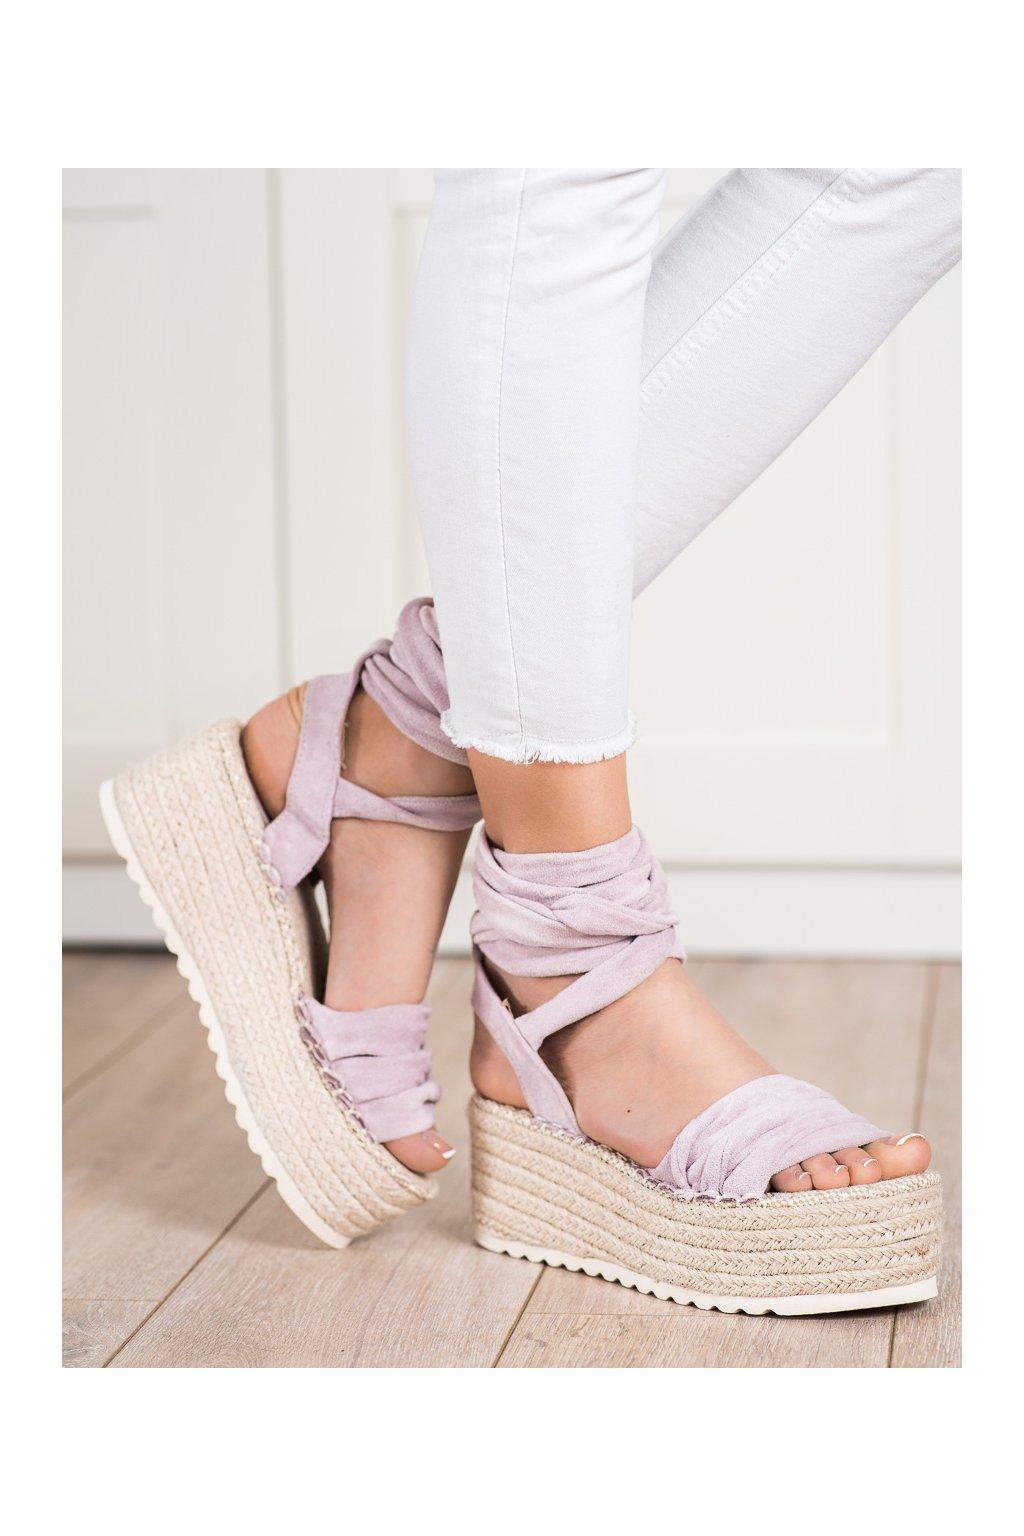 Fialové dámske sandále Shelovet kod BL262PU